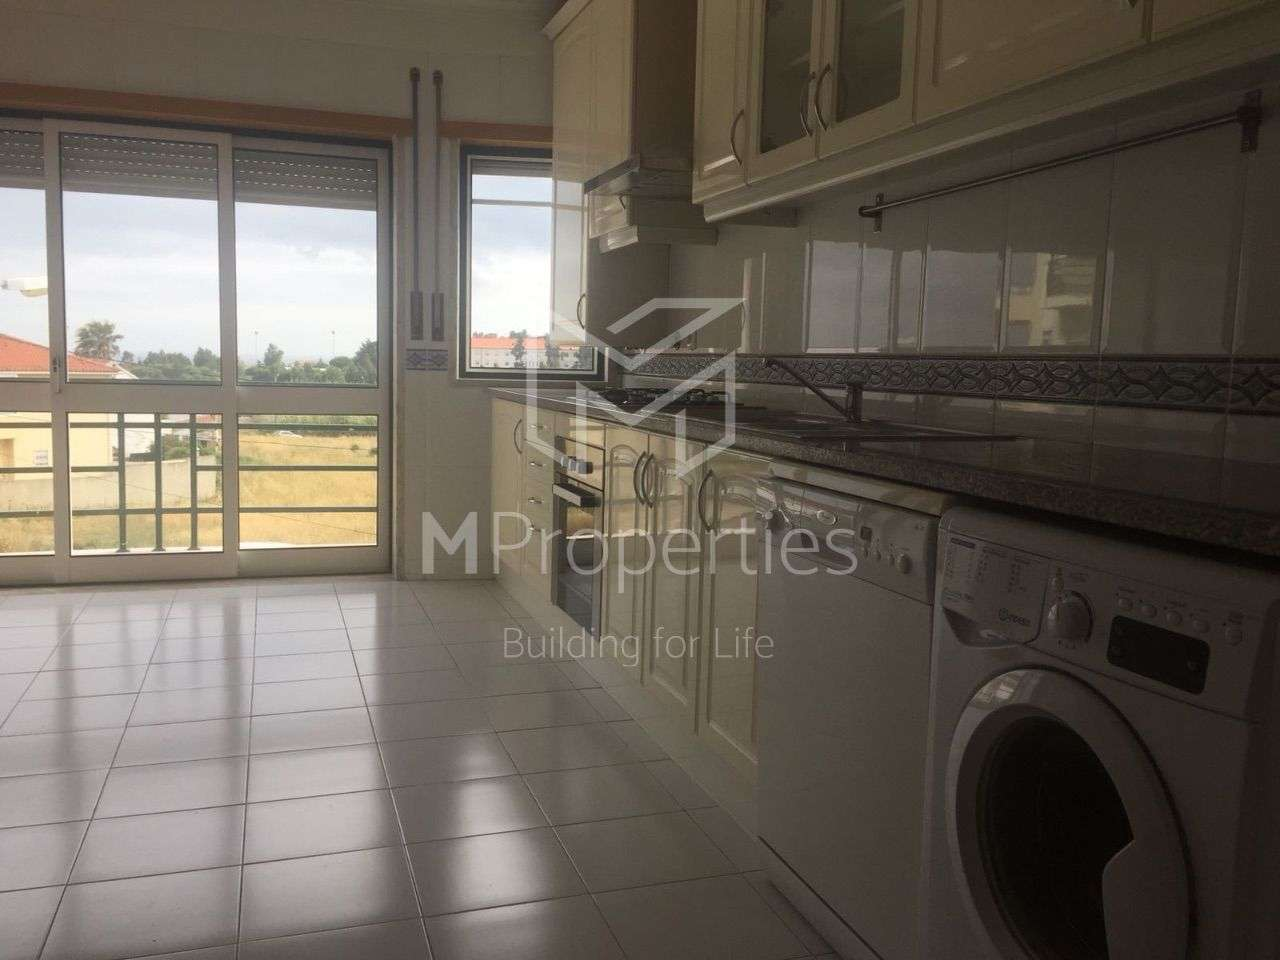 Apartamento para comprar, São Domingos de Rana, Lisboa - Foto 10